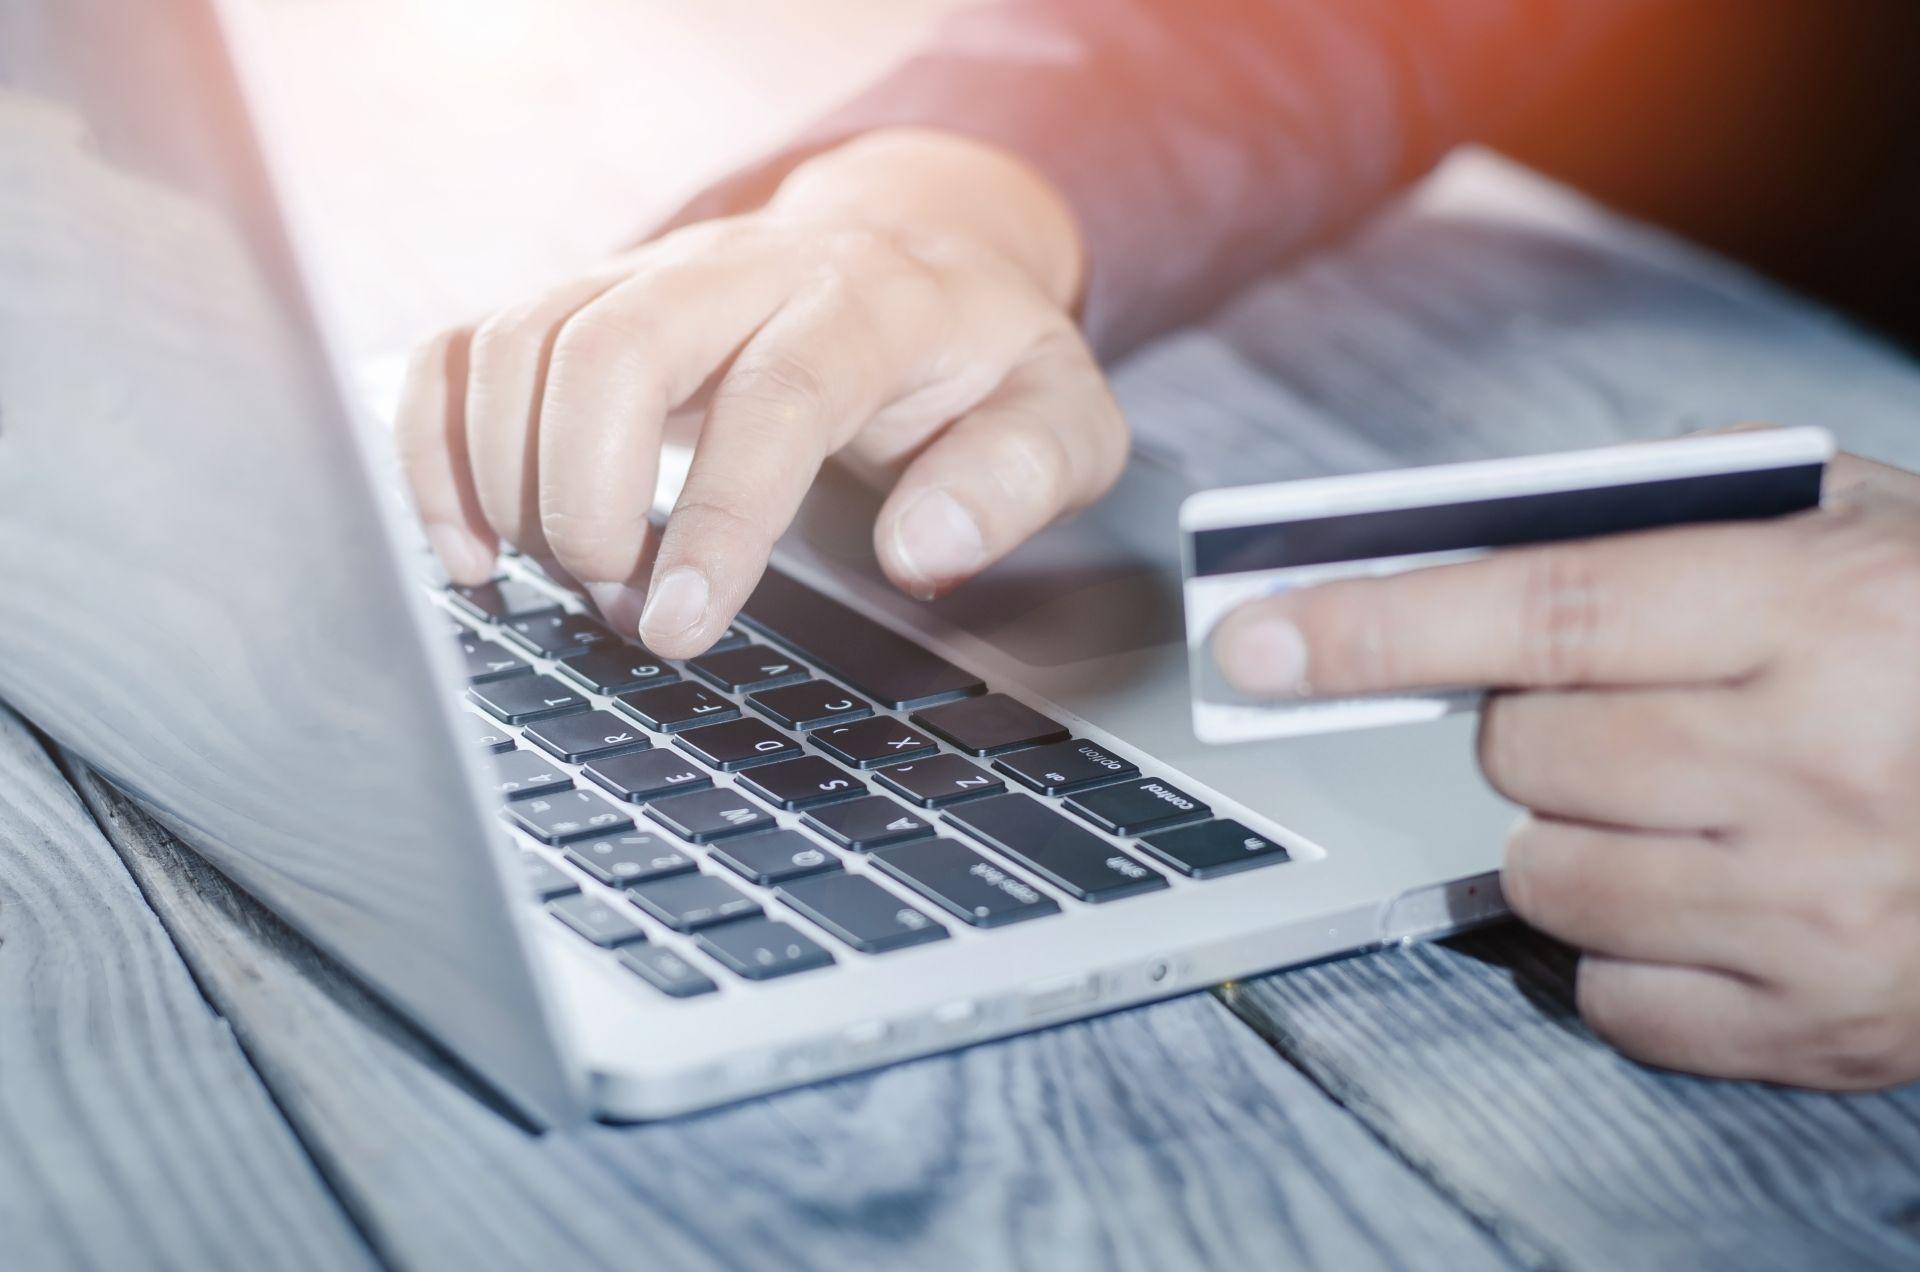 Czescy konsumenci wolą płacić gotówką przy odbiorze